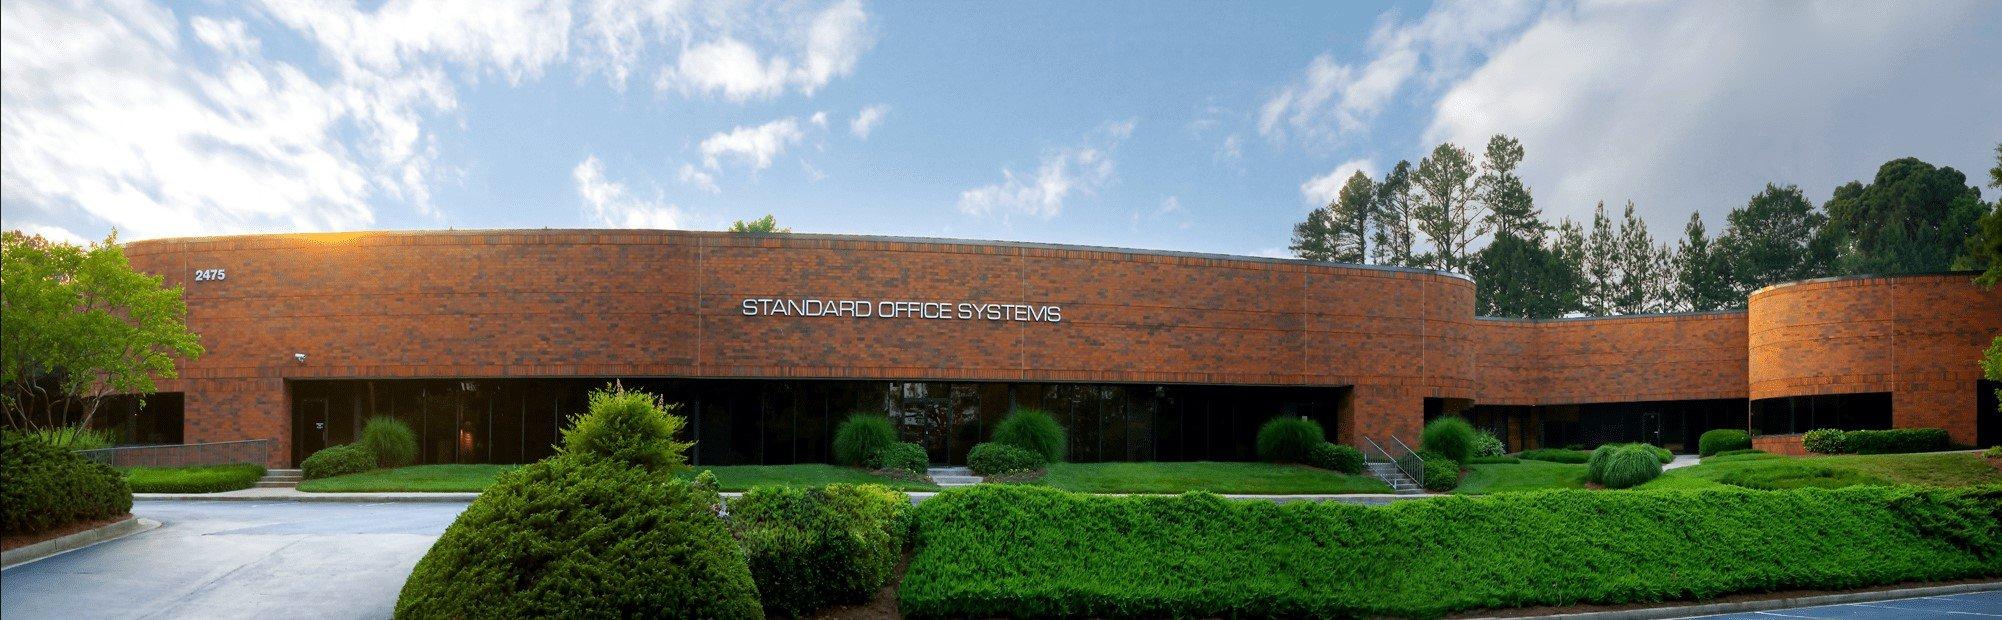 SOS Headquarters in Duluth GA